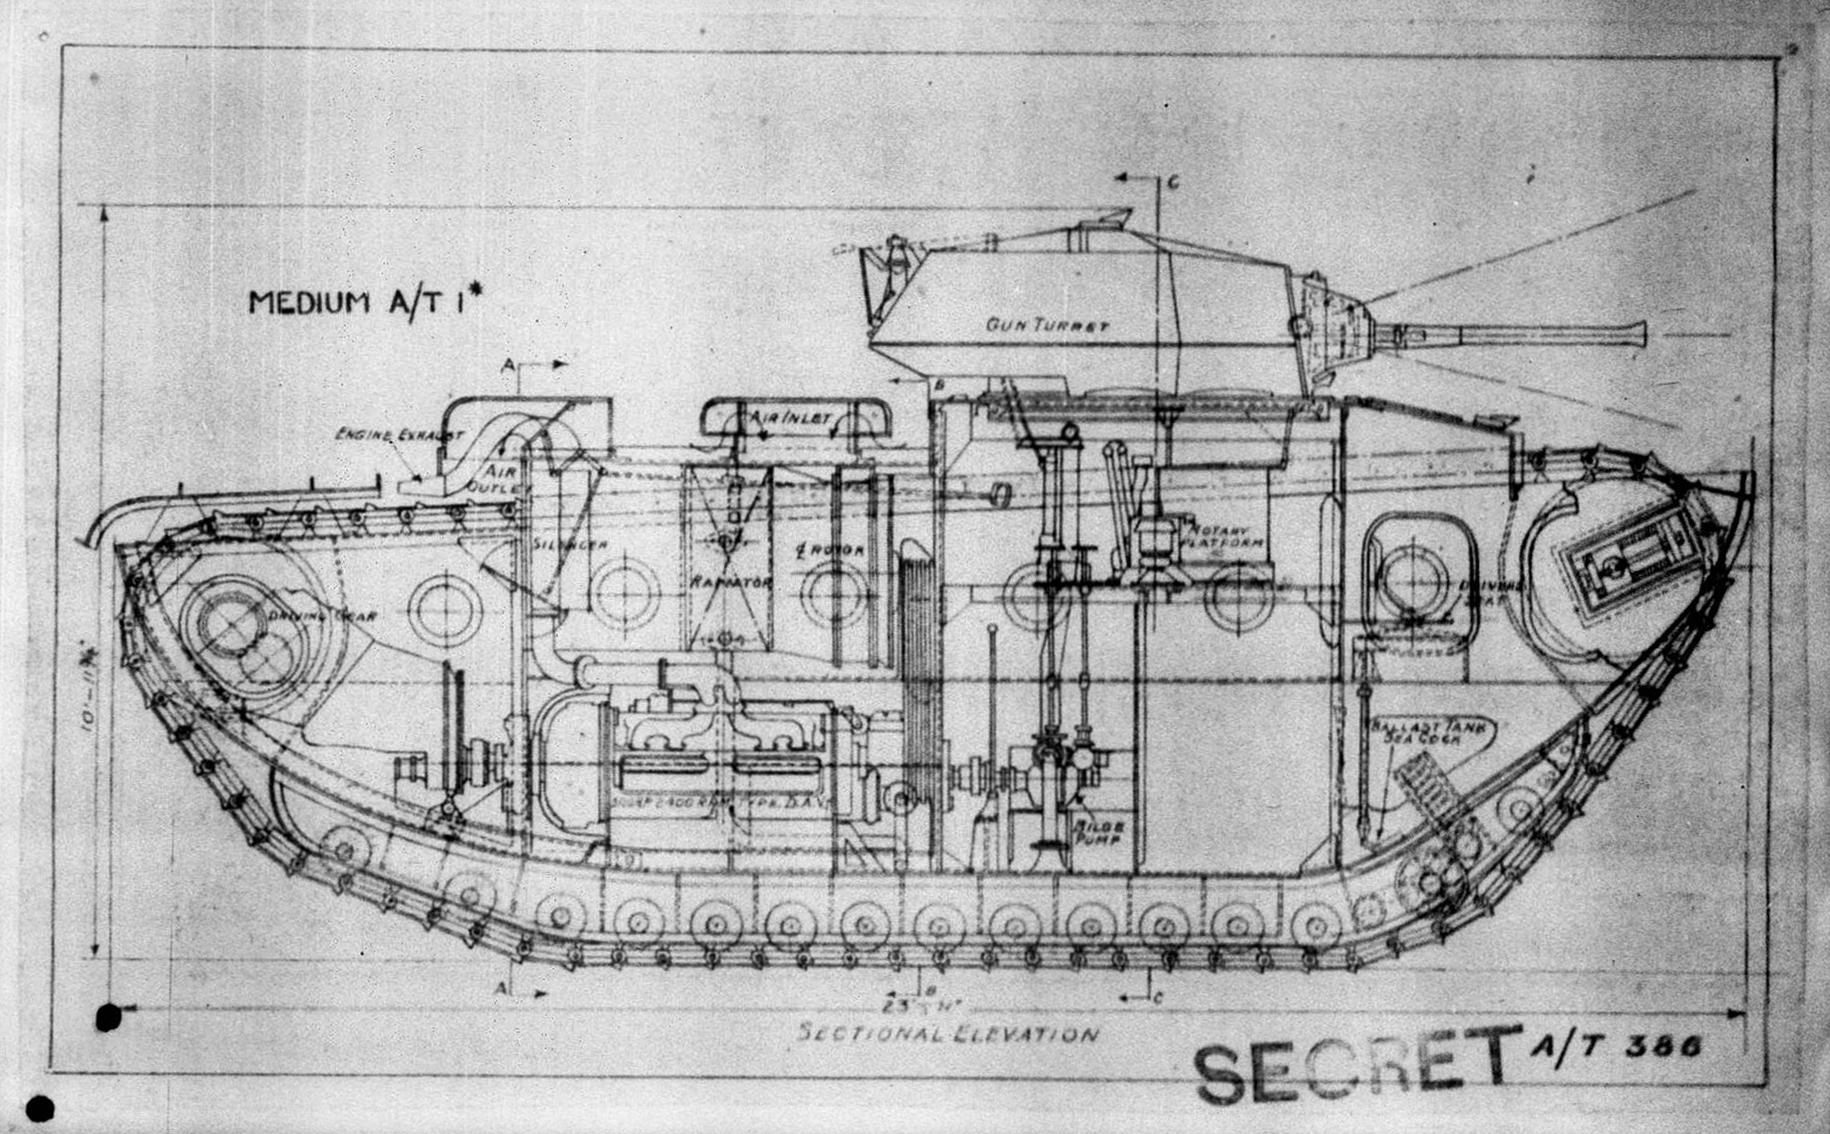 Medium Tank, A/T 1*